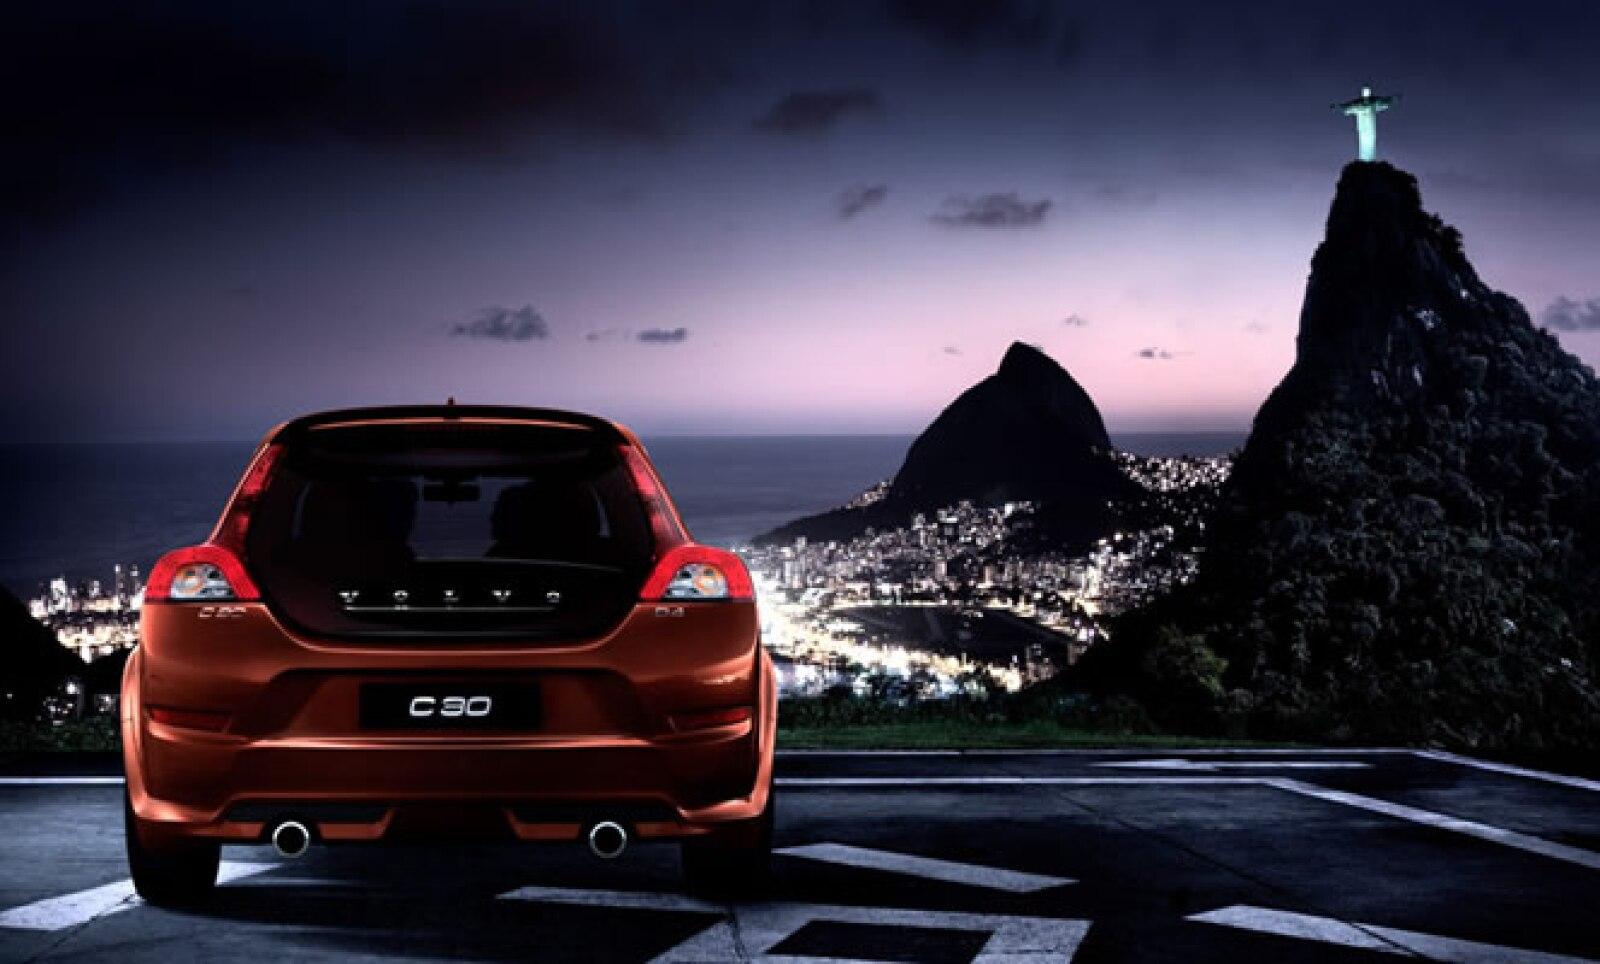 Tras su comercialización en otras regiones, llega a México el Volvo C30 2011, un compaco mediano con grandes líneas y  forma.